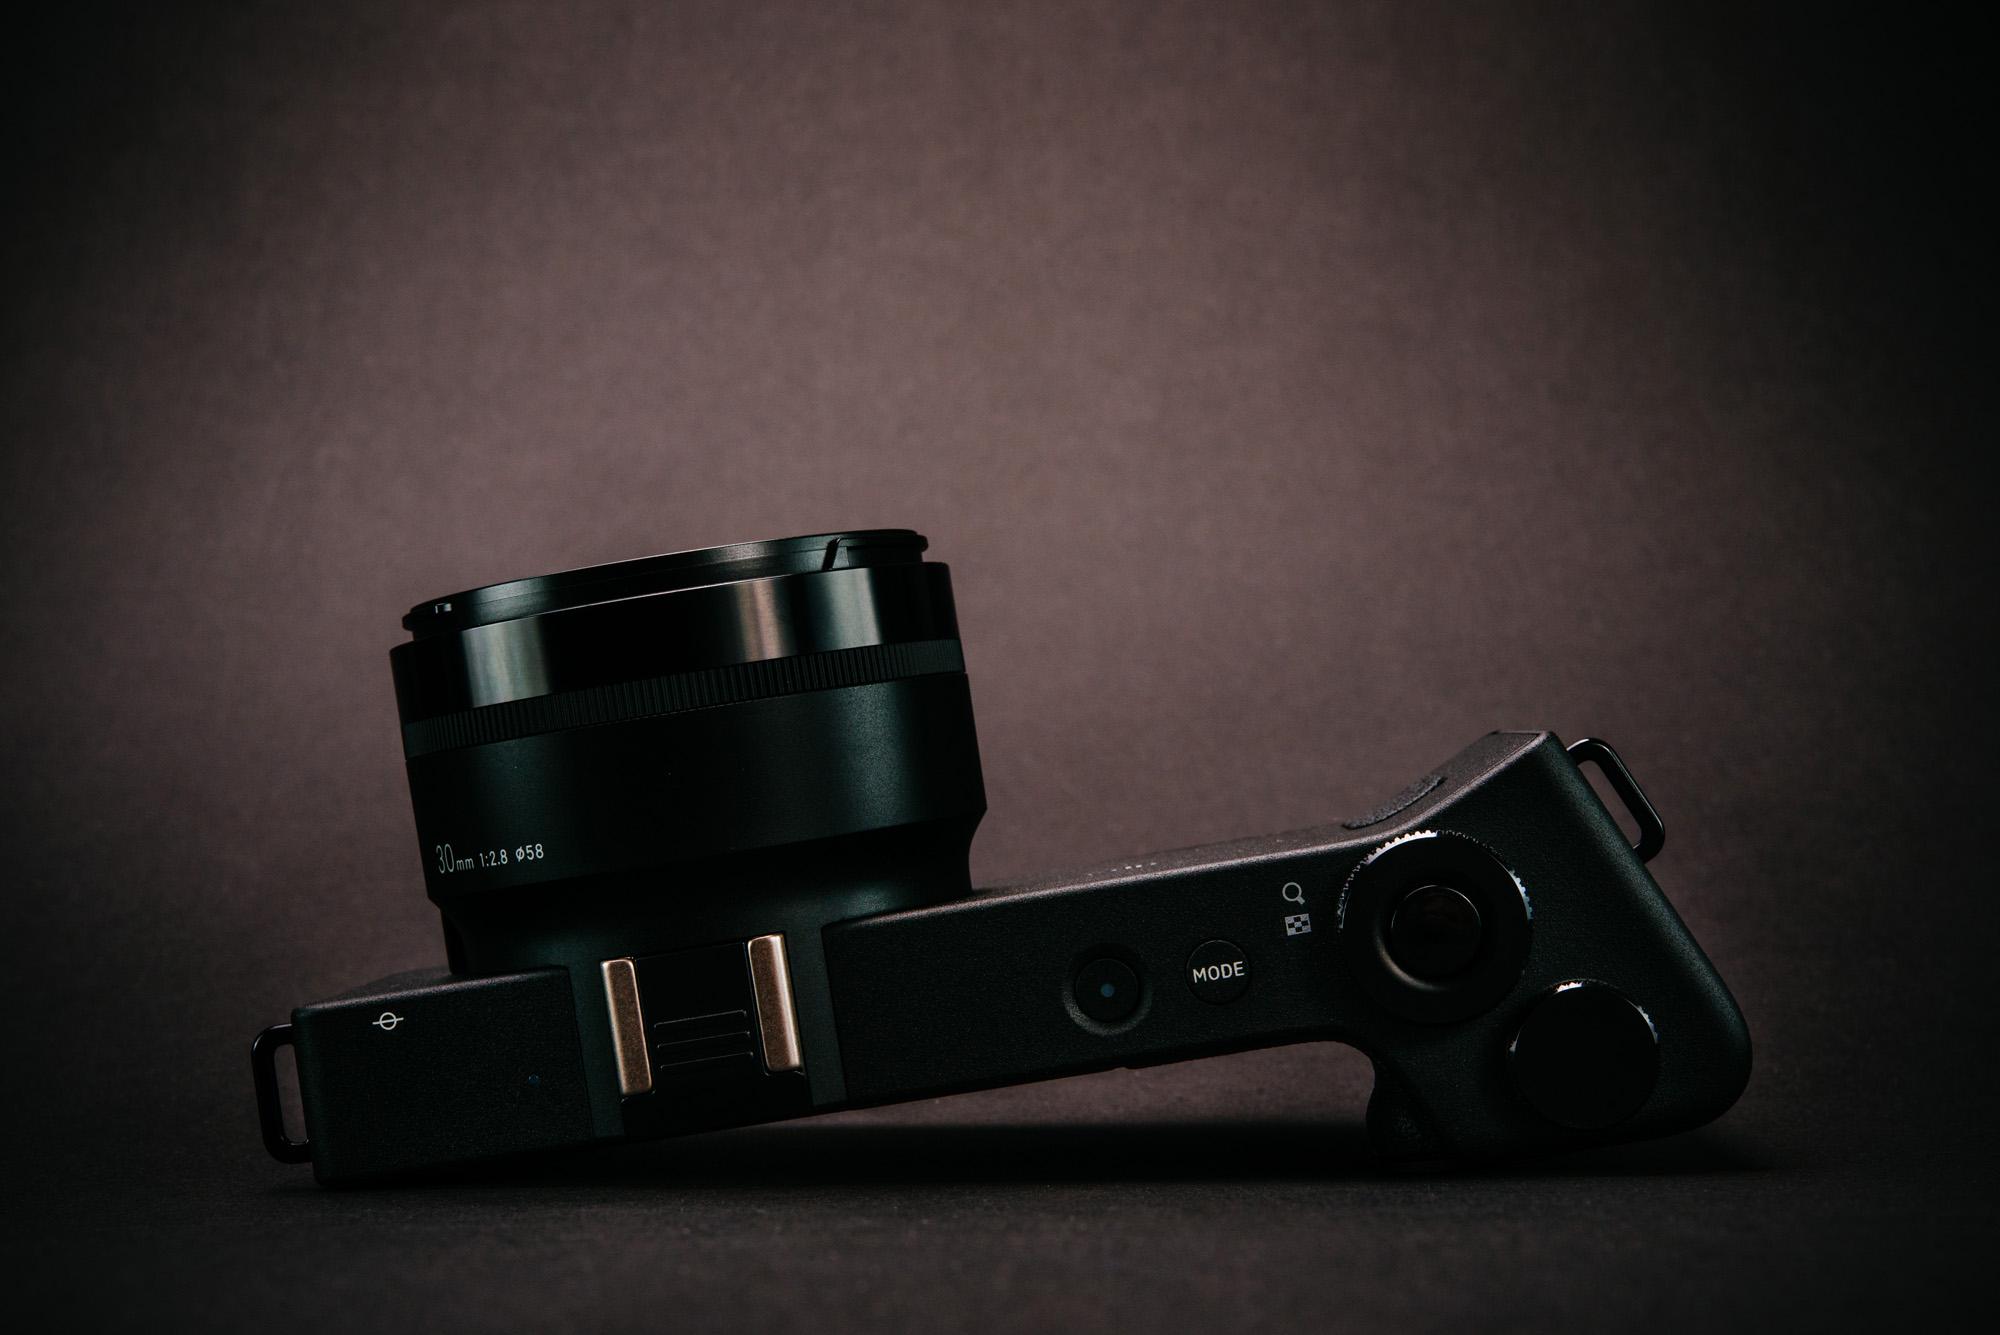 sigma-dp2-quattro-review-01